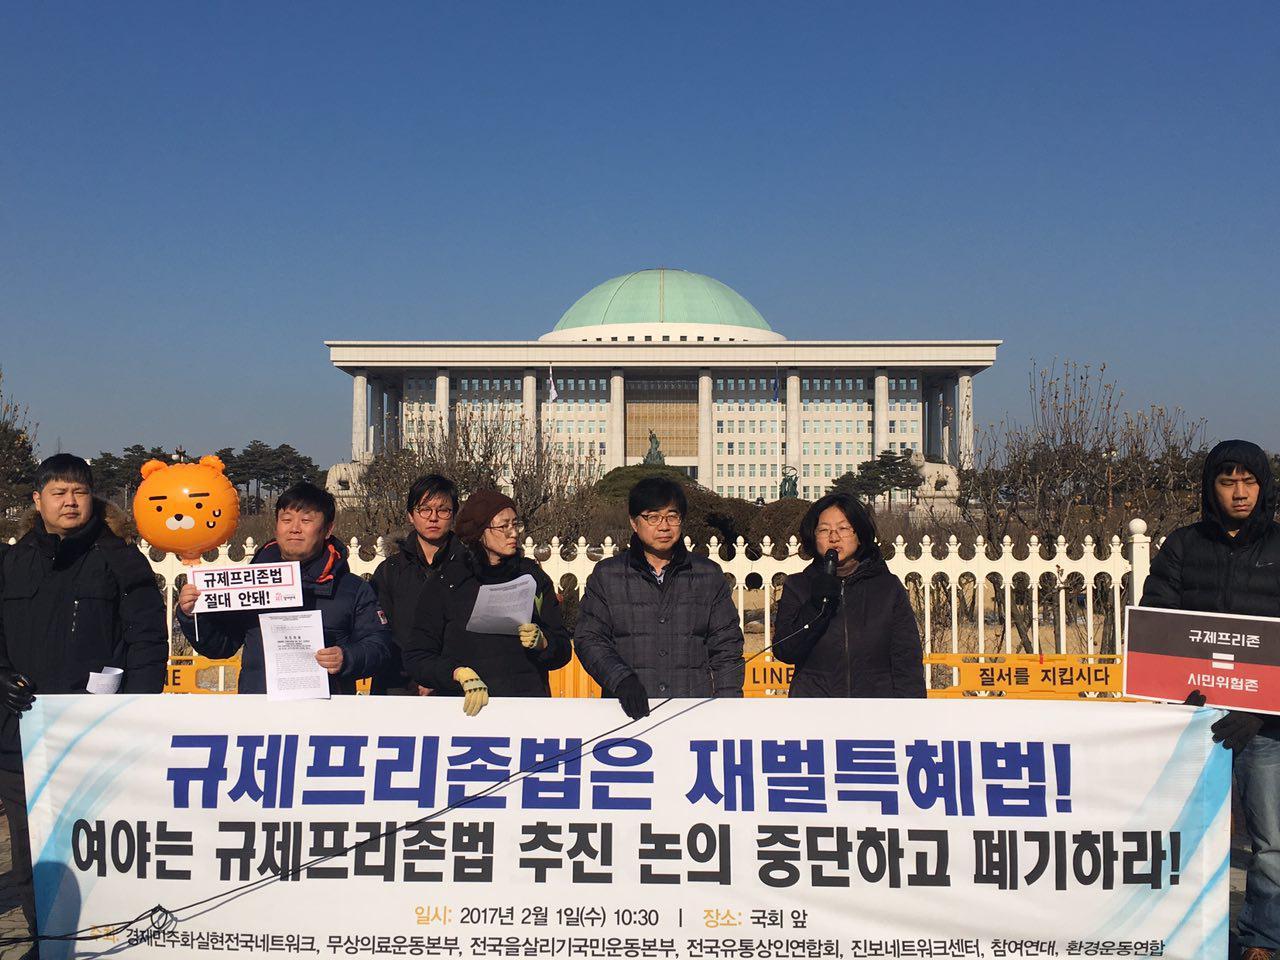 2017년 2월 1일(수) 10시30분, 국회 앞{/}재벌특혜 규제프리존법 폐기 촉구 기자회견